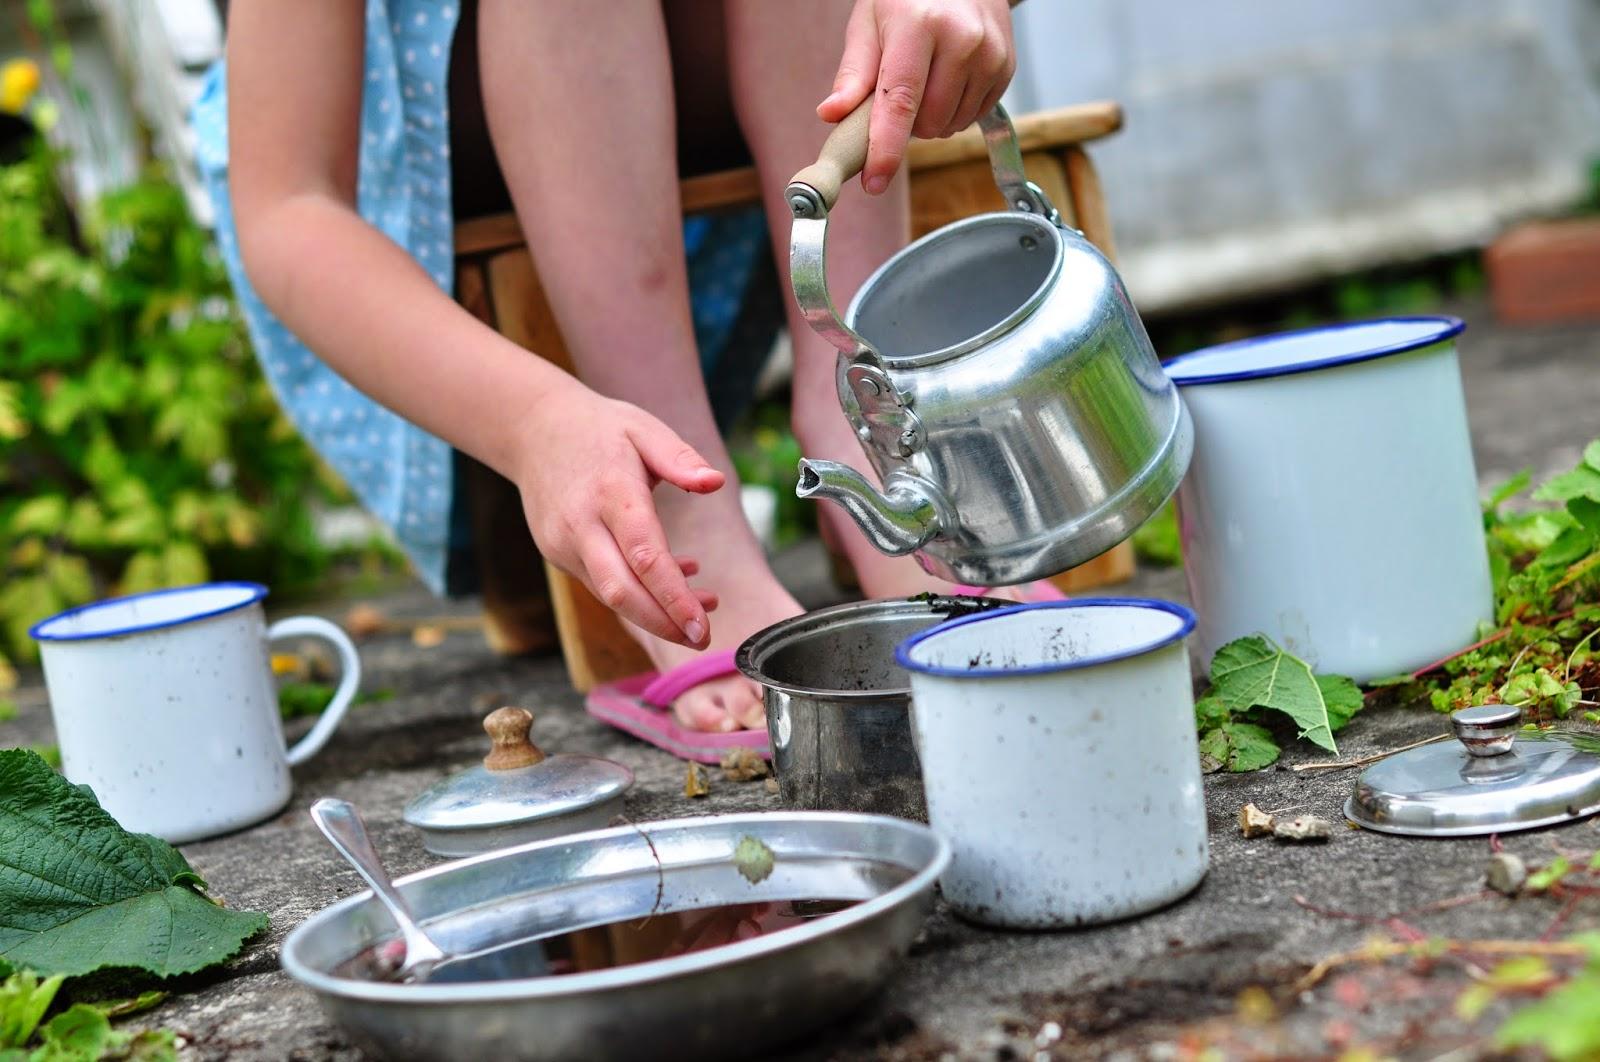 http://mamauk.typepad.com/mamauk/2011/07/mud-kitchen.html